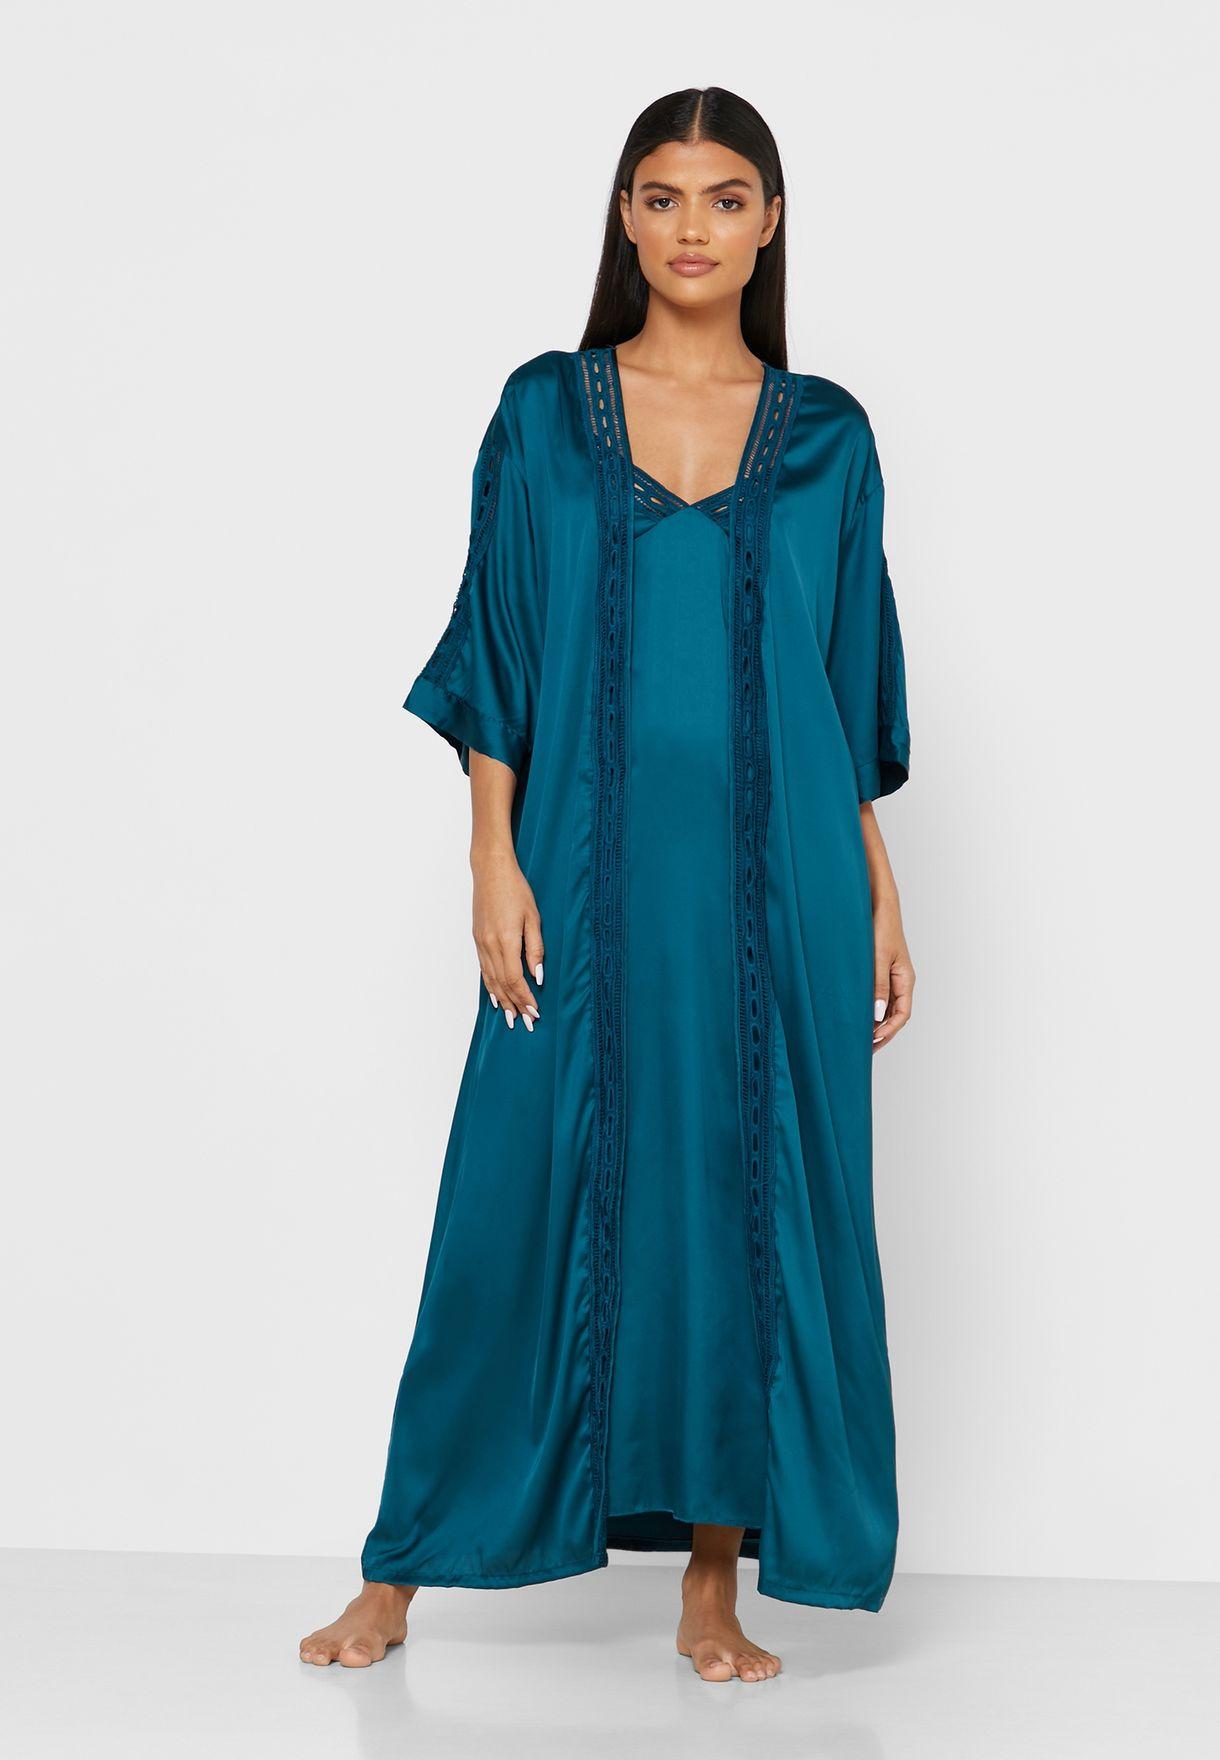 2 In 1 Nightdress Robe